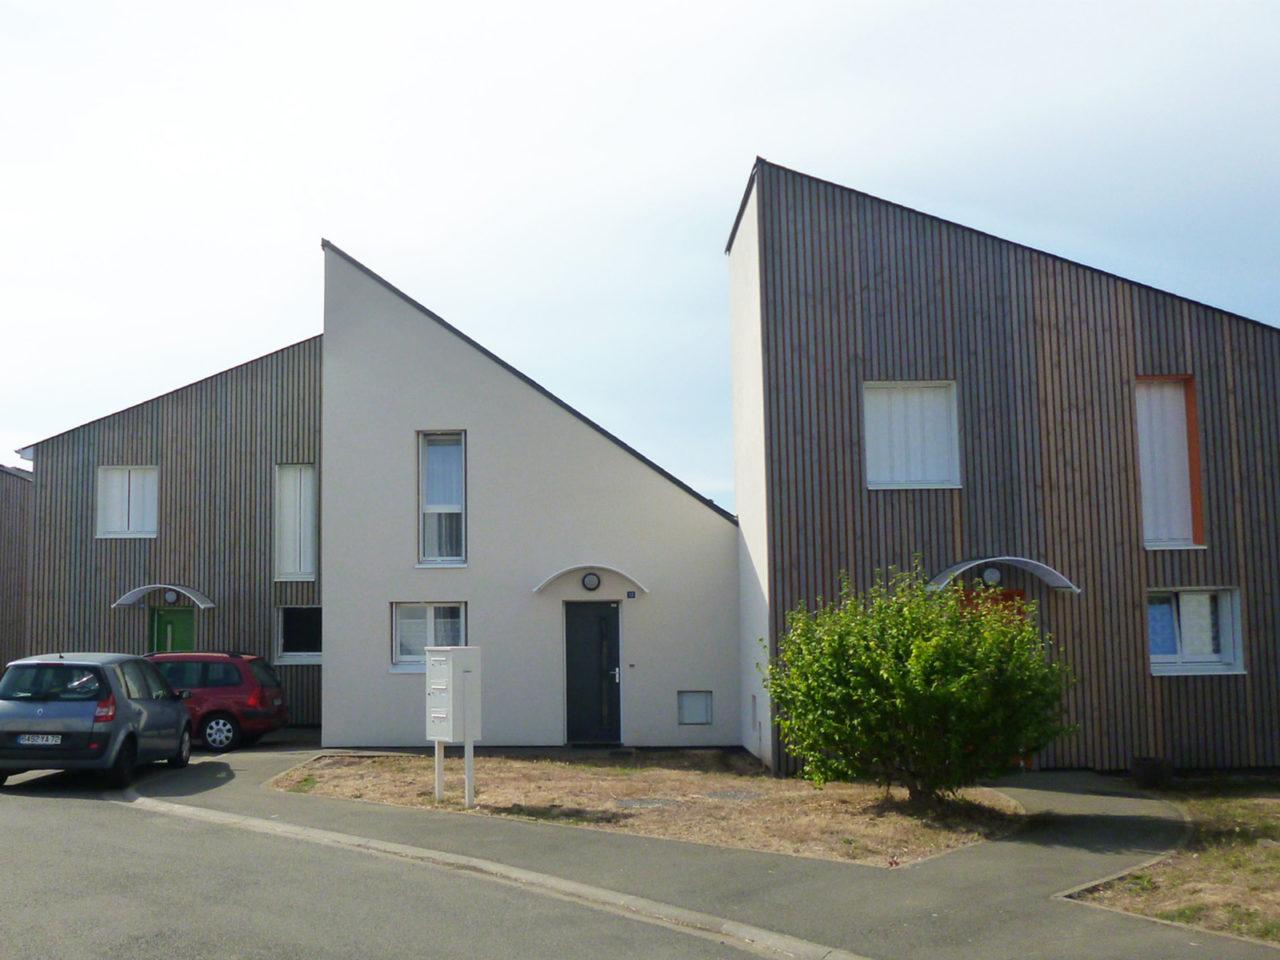 SH-chateau-du-loir-C2V-architectes-72